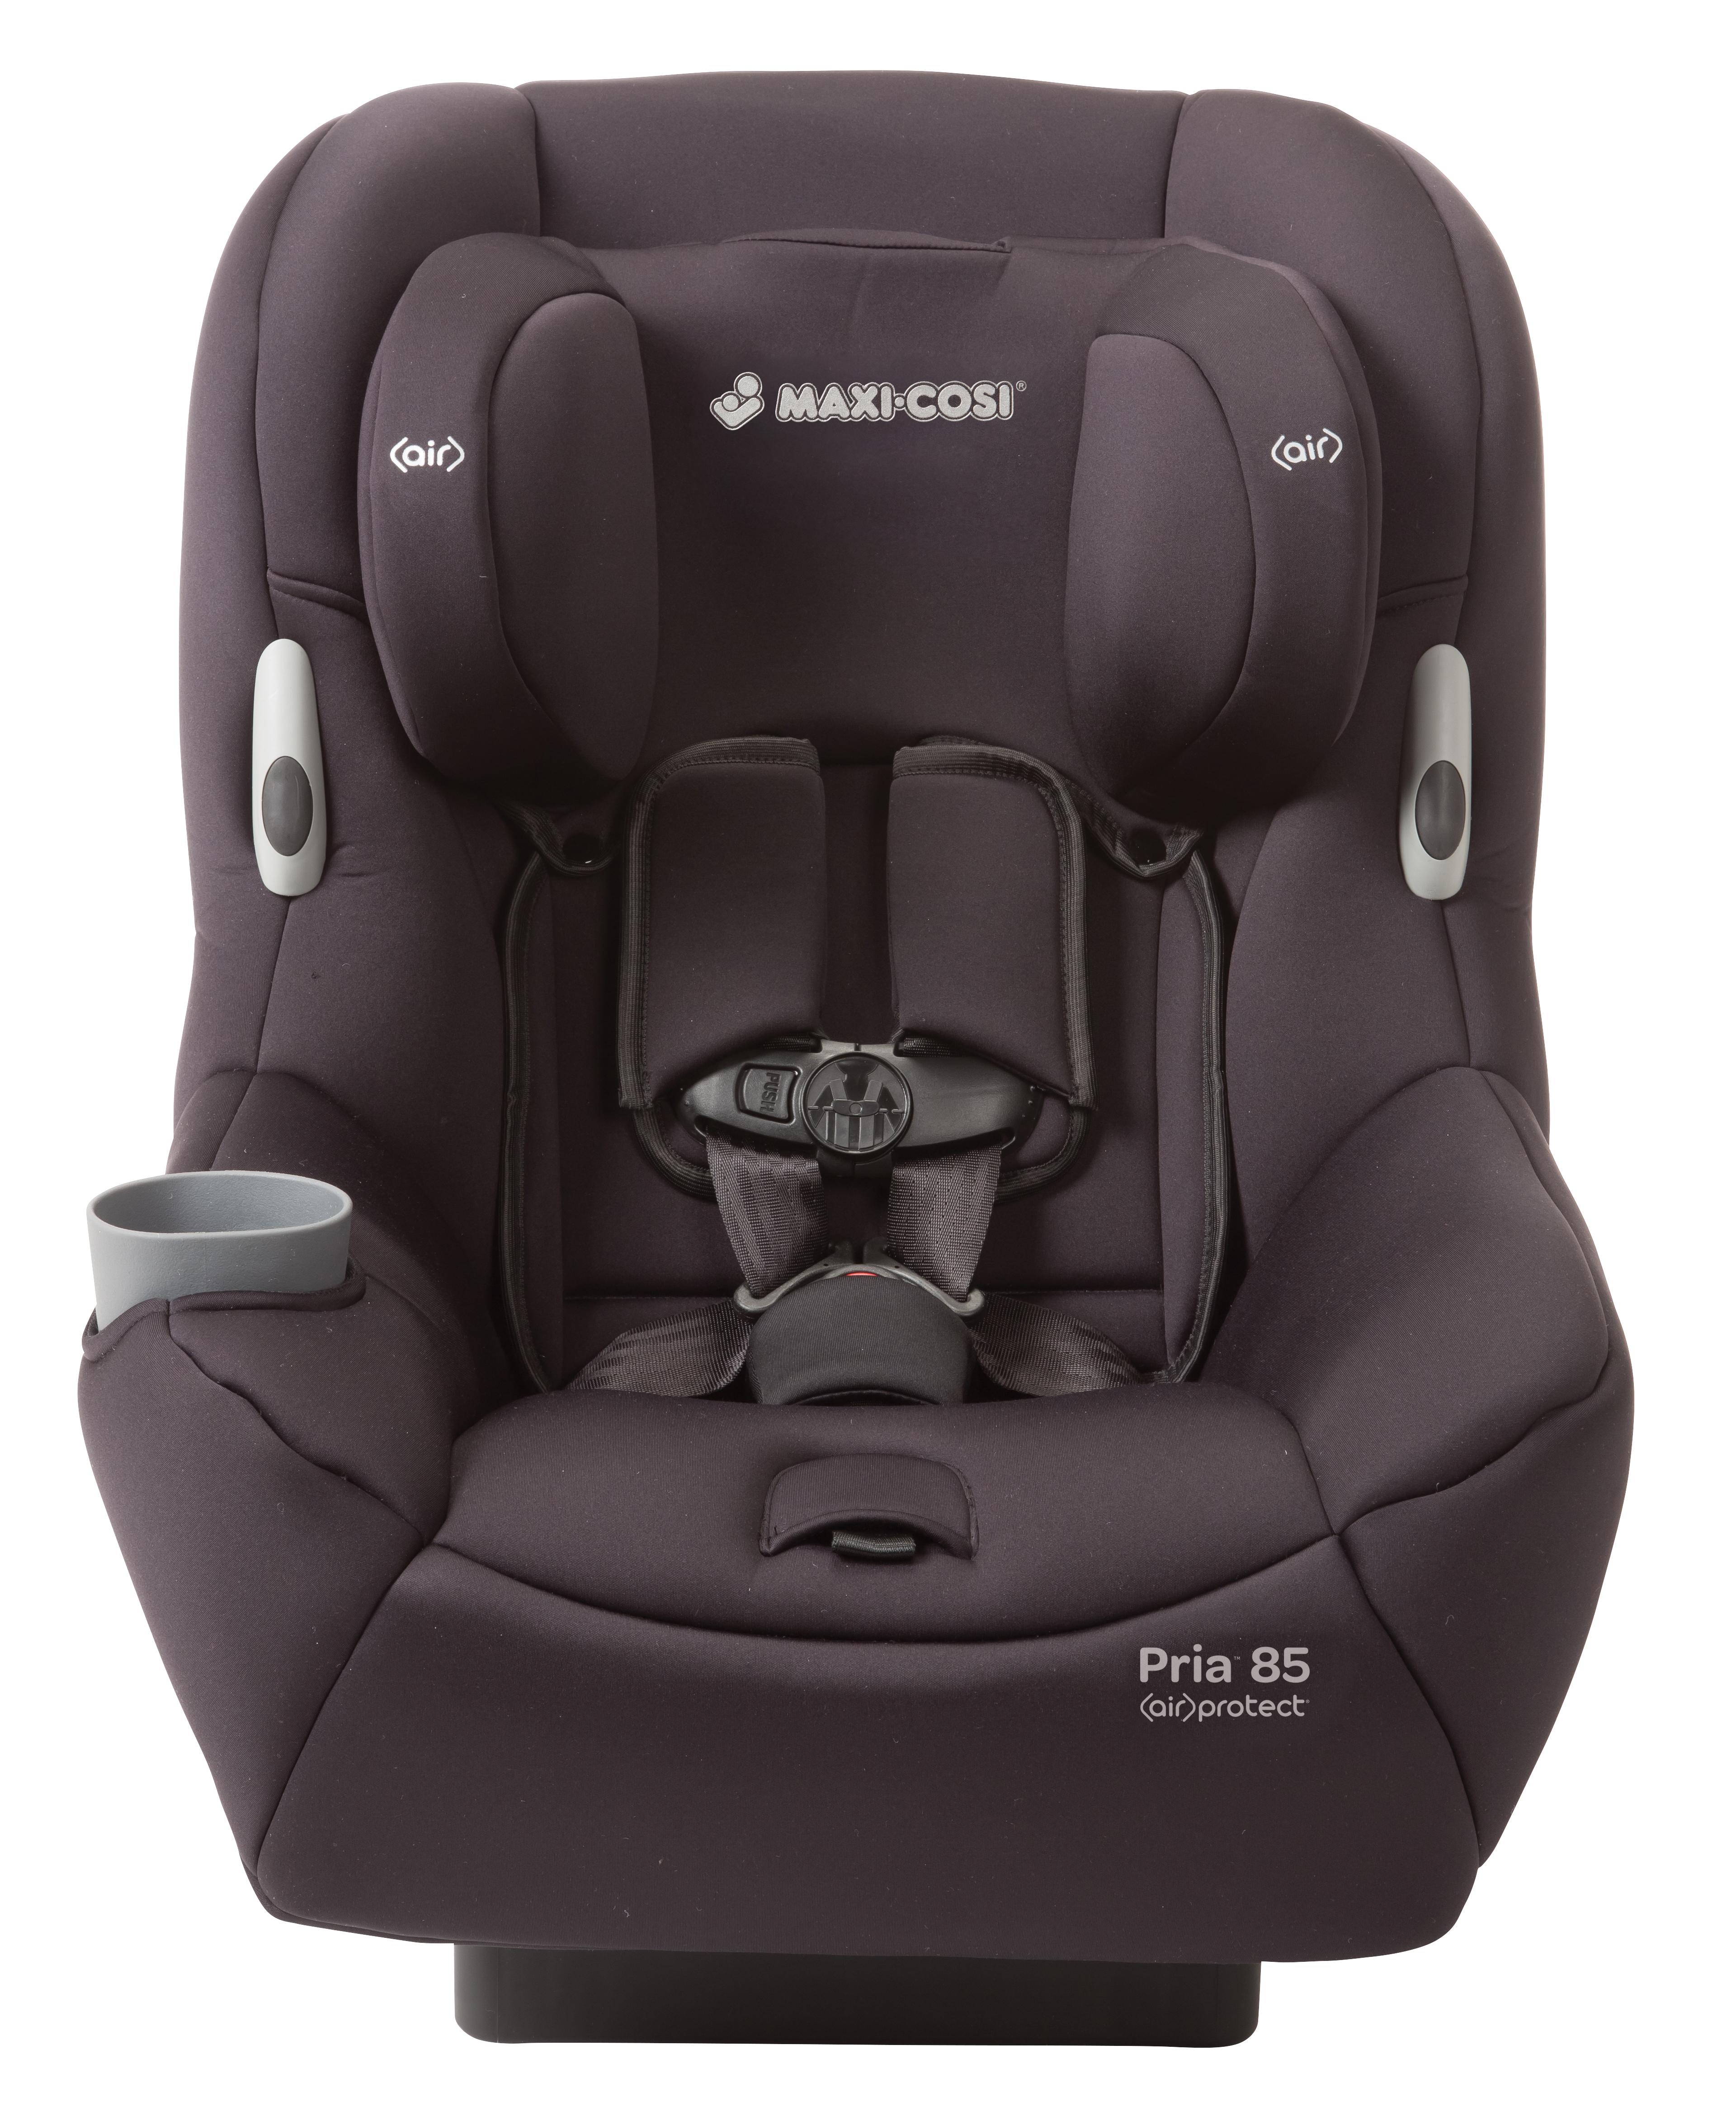 Maxi-Cosi Pria 85 Convertible Car Seat, Devoted Black by Maxi-Cosi